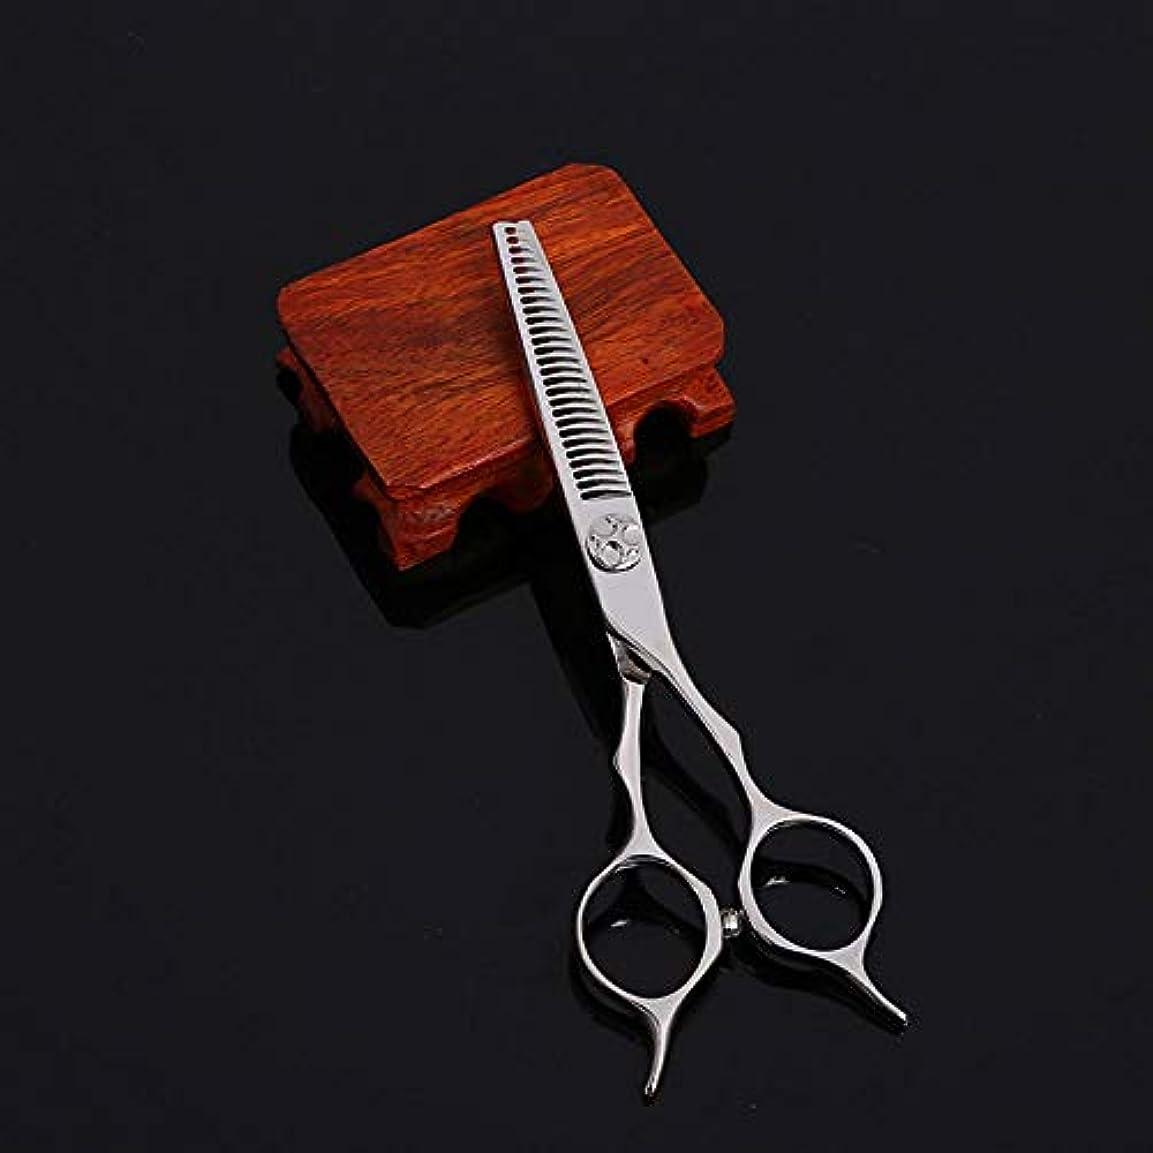 汚染する北西コンテンポラリー理髪用はさみ 5.5インチの美容院の専門のステンレス鋼の散髪はさみの毛の切断はさみのステンレス製の理髪師のはさみ (色 : Silver)